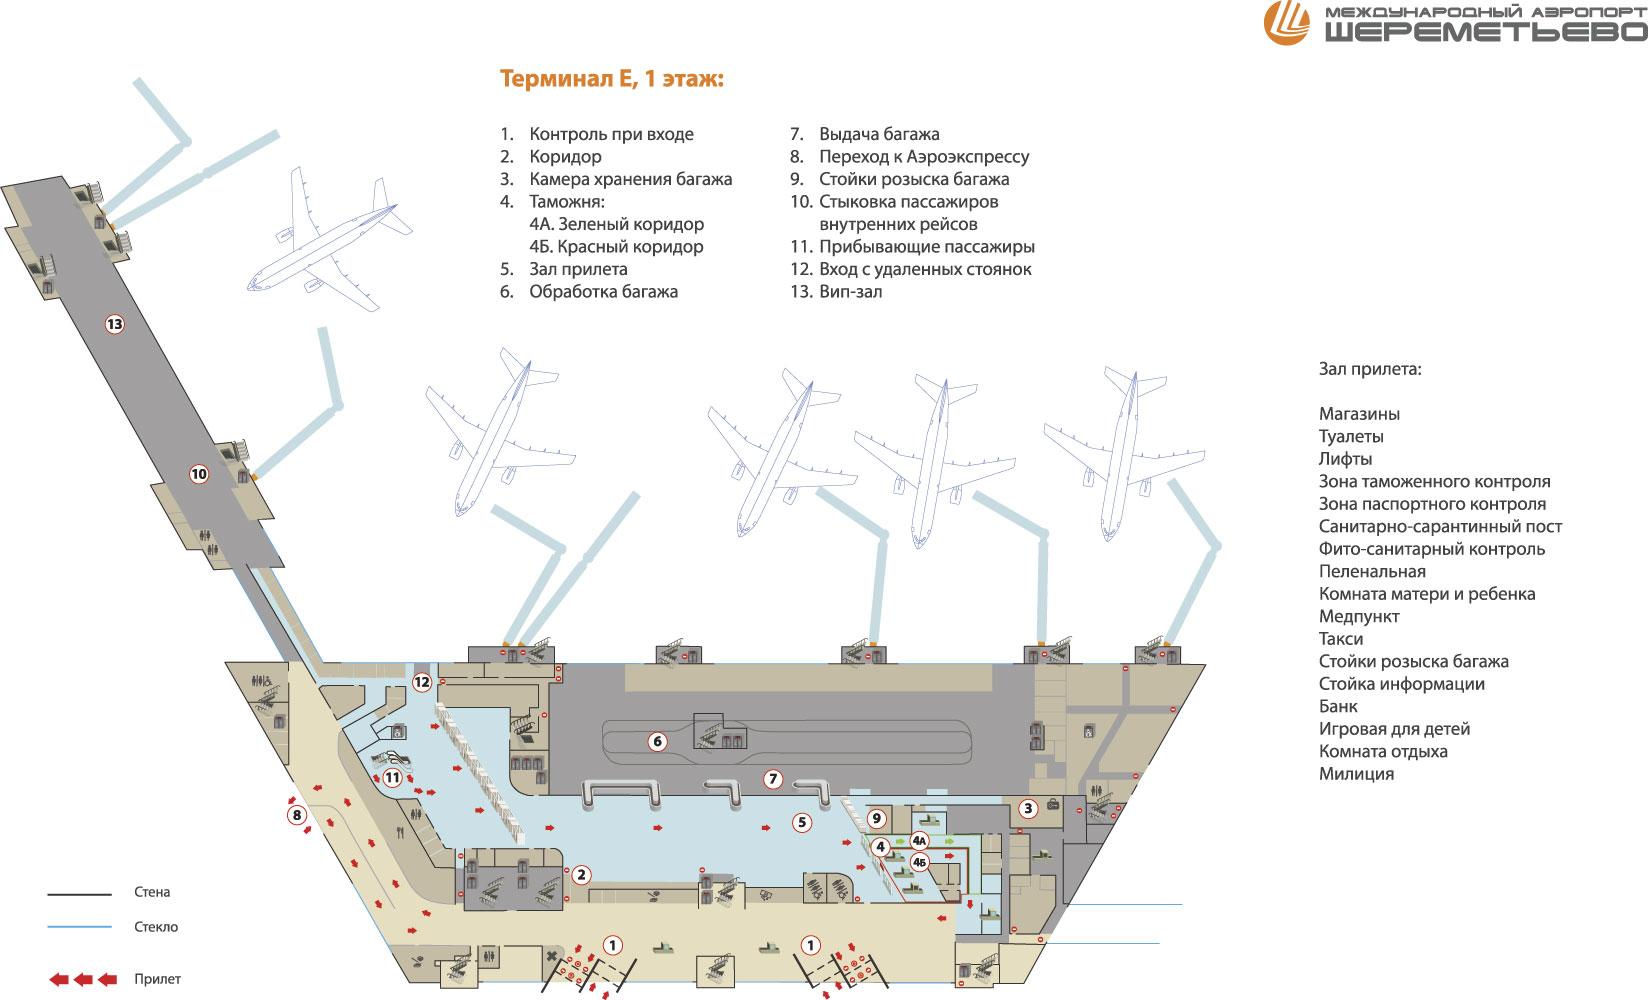 Схема аэропорта шереметьево парковка терминал е6